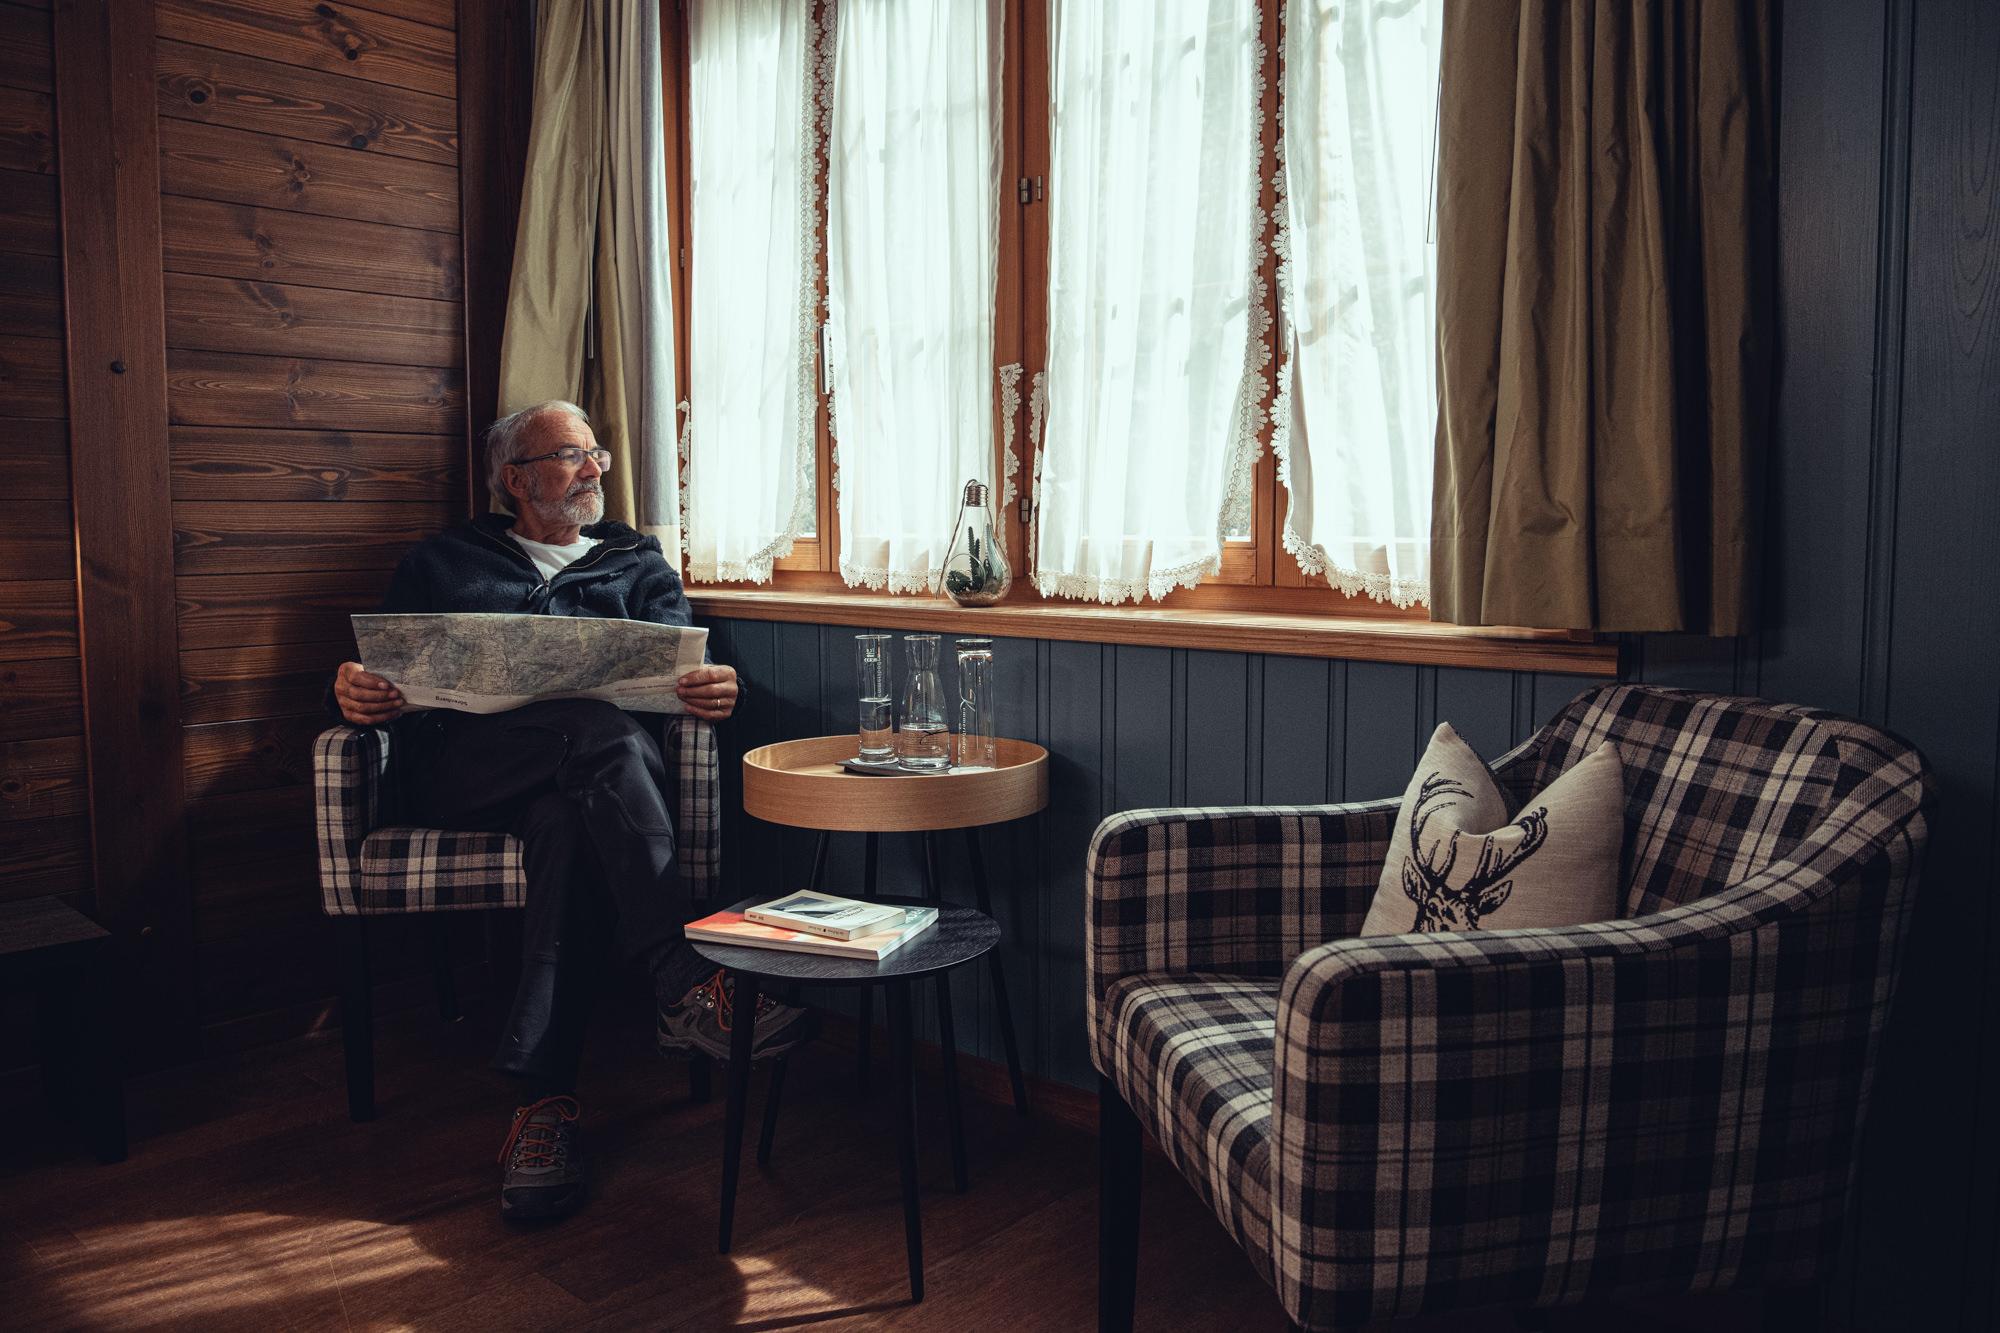 hotellerie_suisse20.jpg